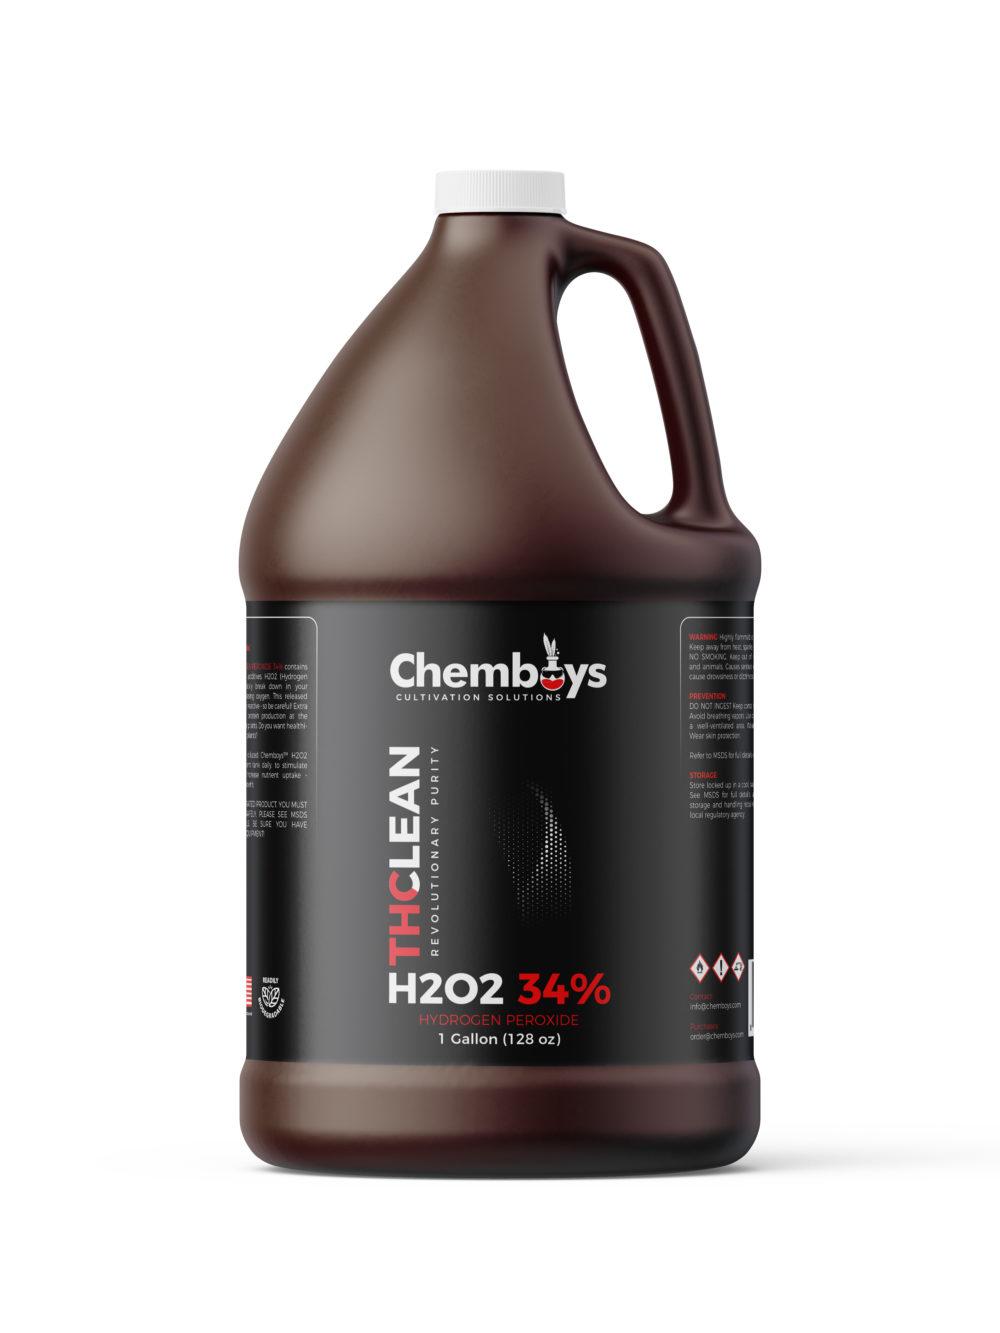 1 Gallon of 34.0% pure H2O2